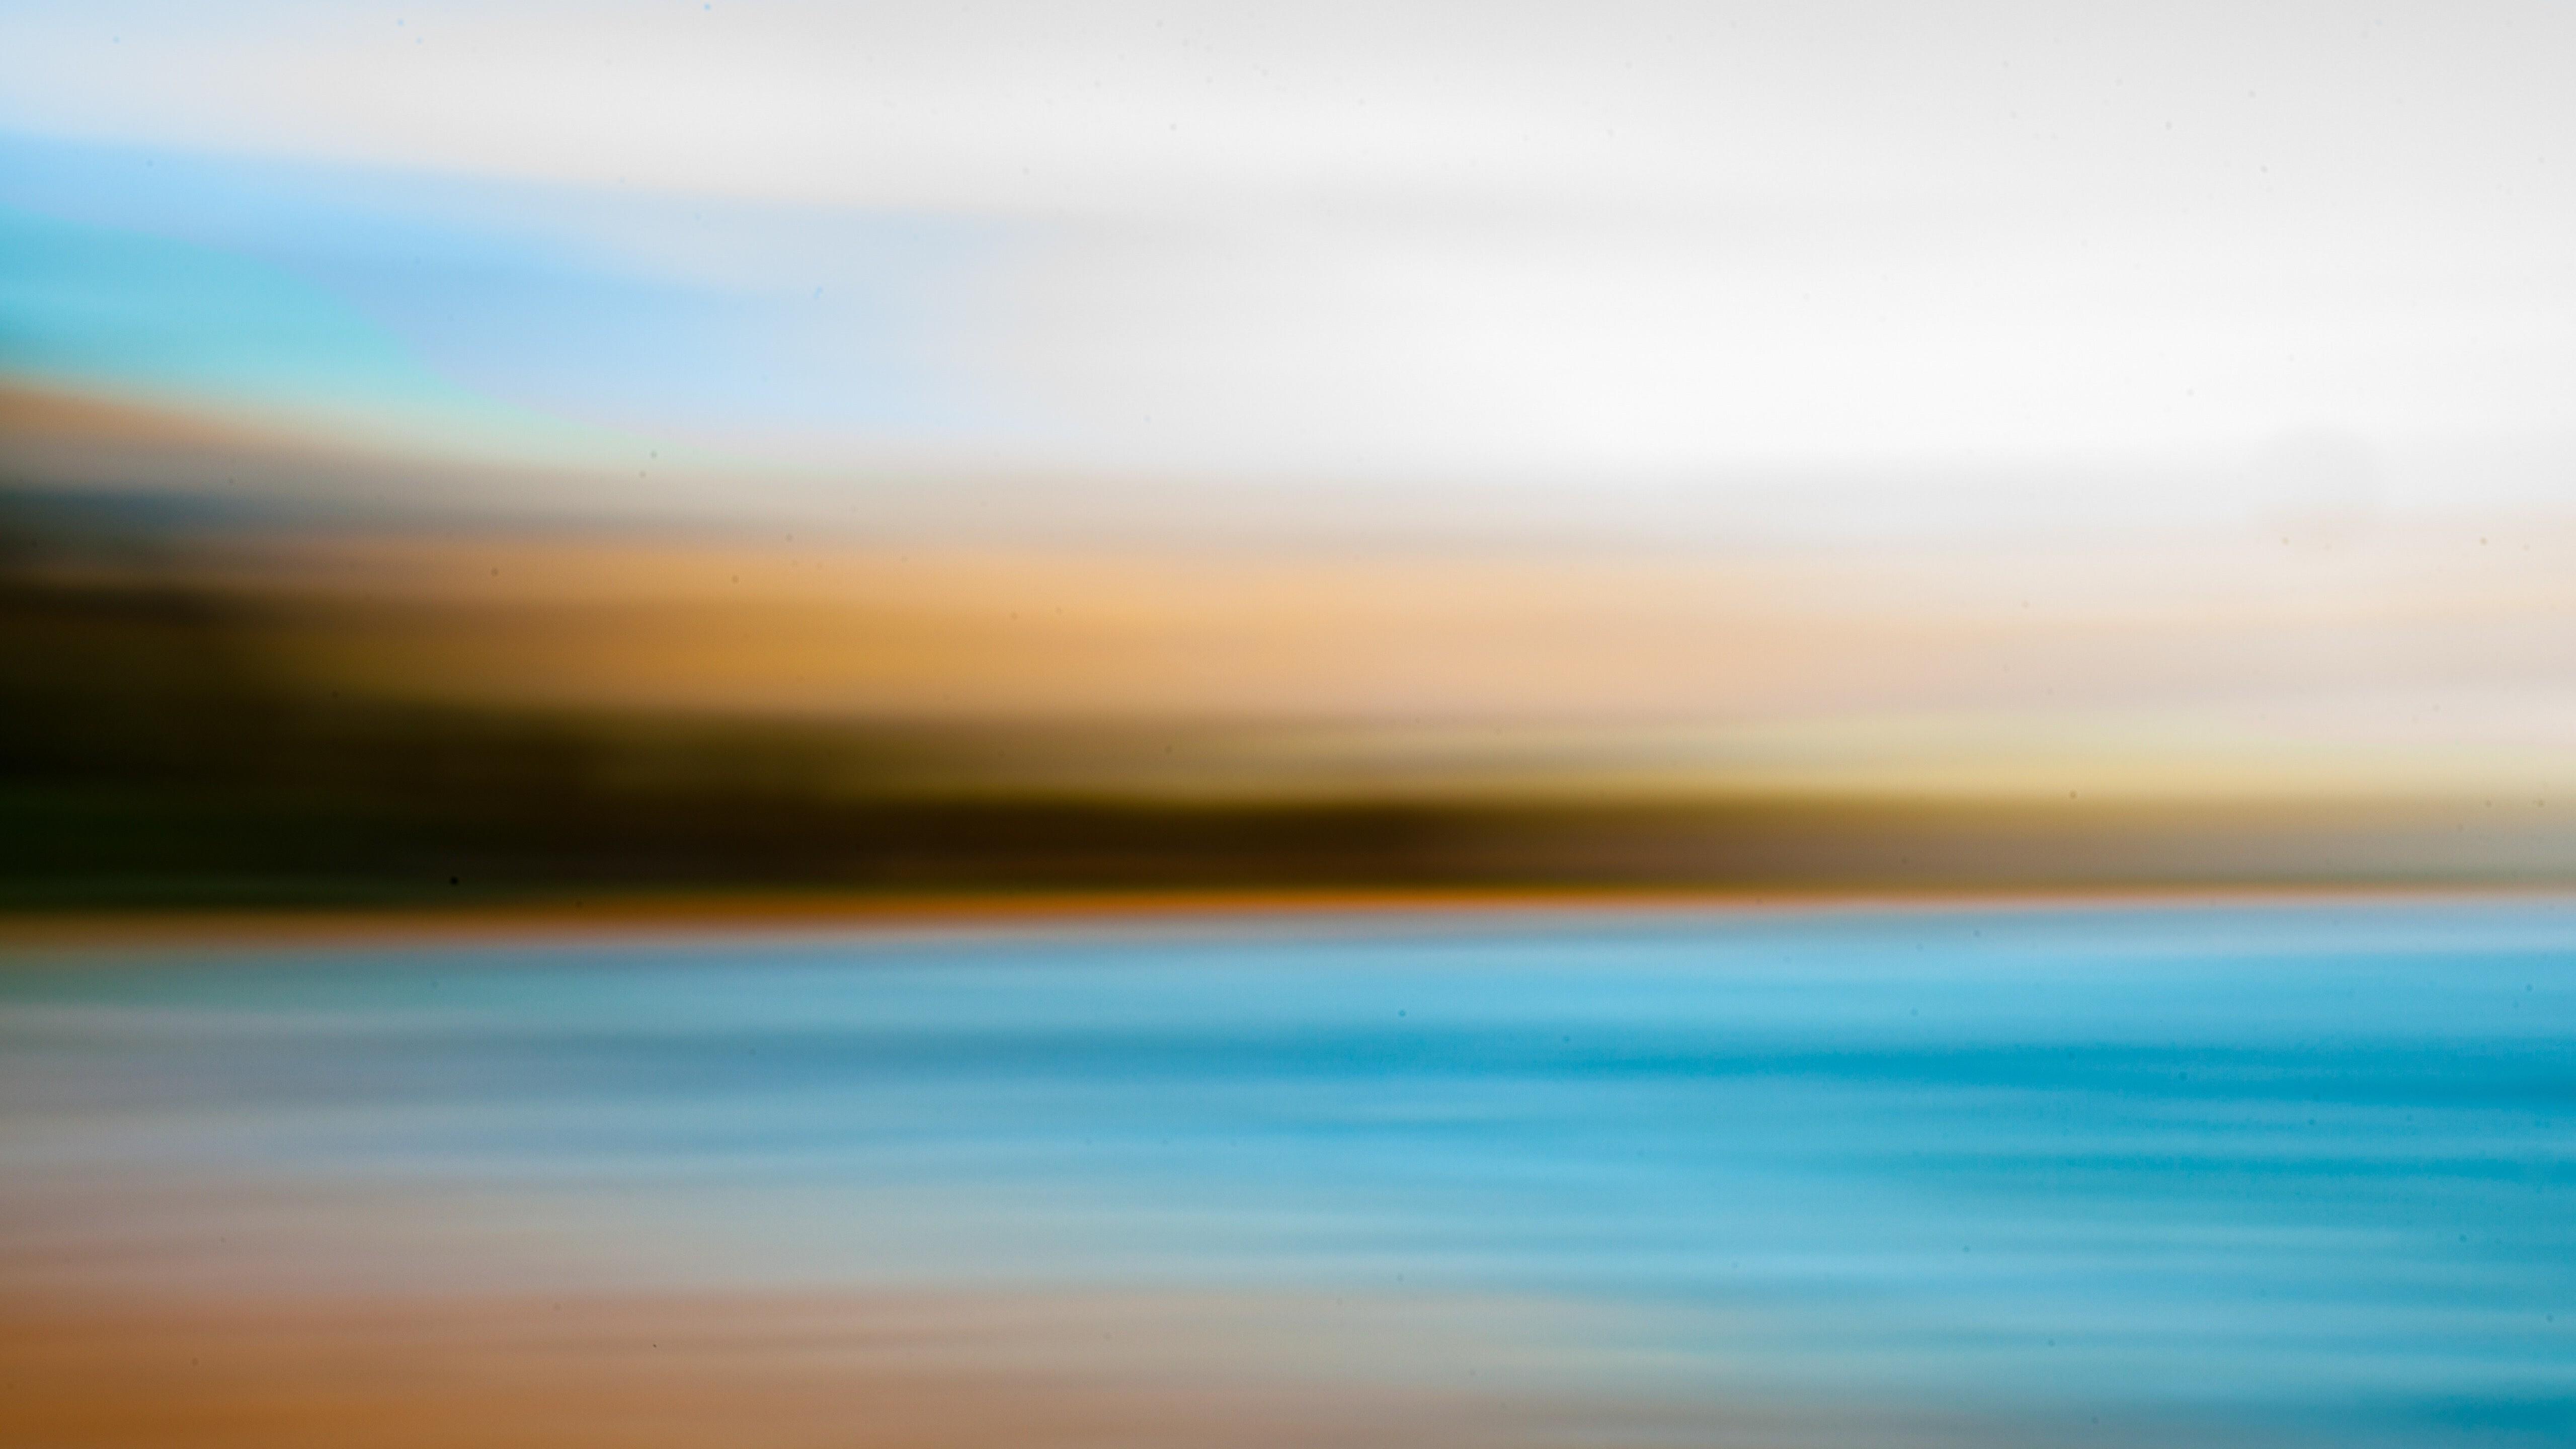 Natural Sea Abstract 5K Blur Wallpaper